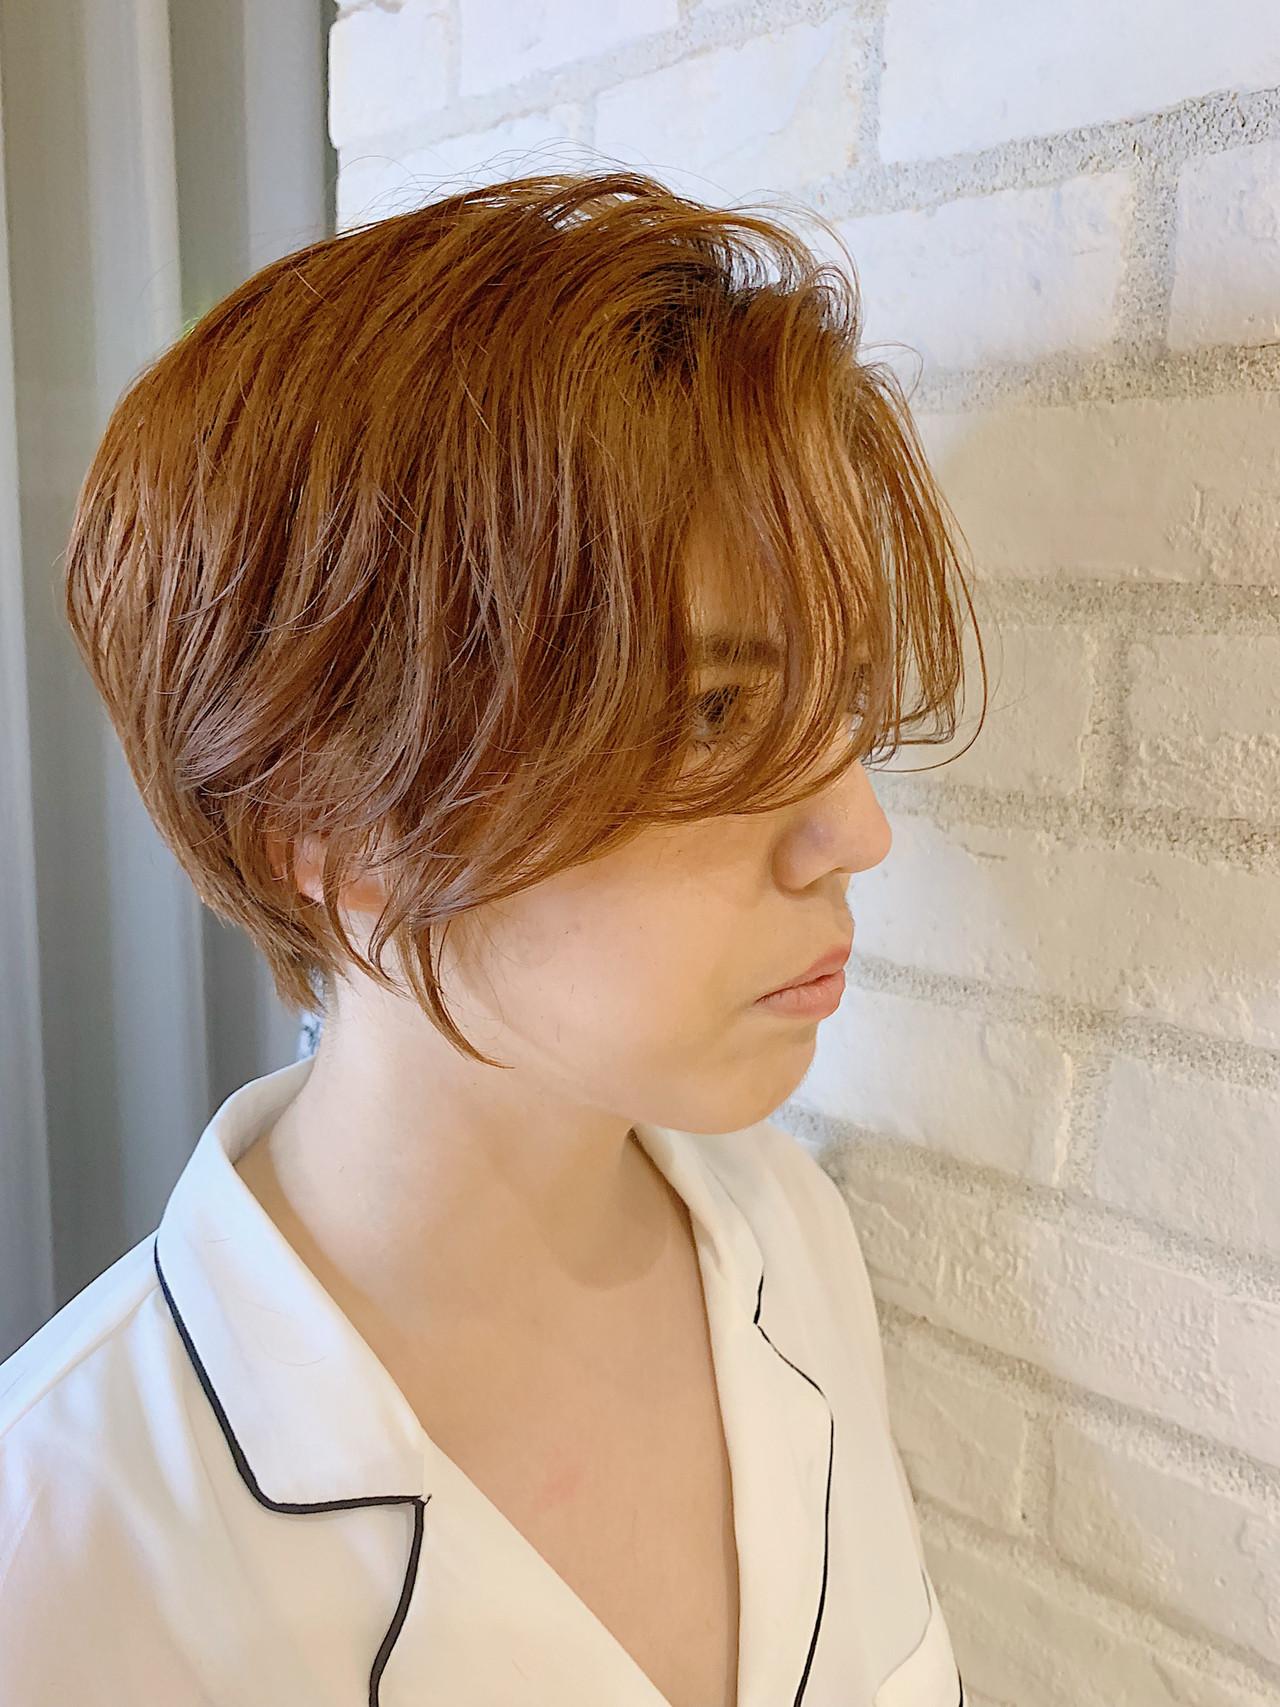 オフィス ショートボブ ナチュラル ショートヘア ヘアスタイルや髪型の写真・画像   ショート ボブ/ 早田卓矢 / cocona hair maison+